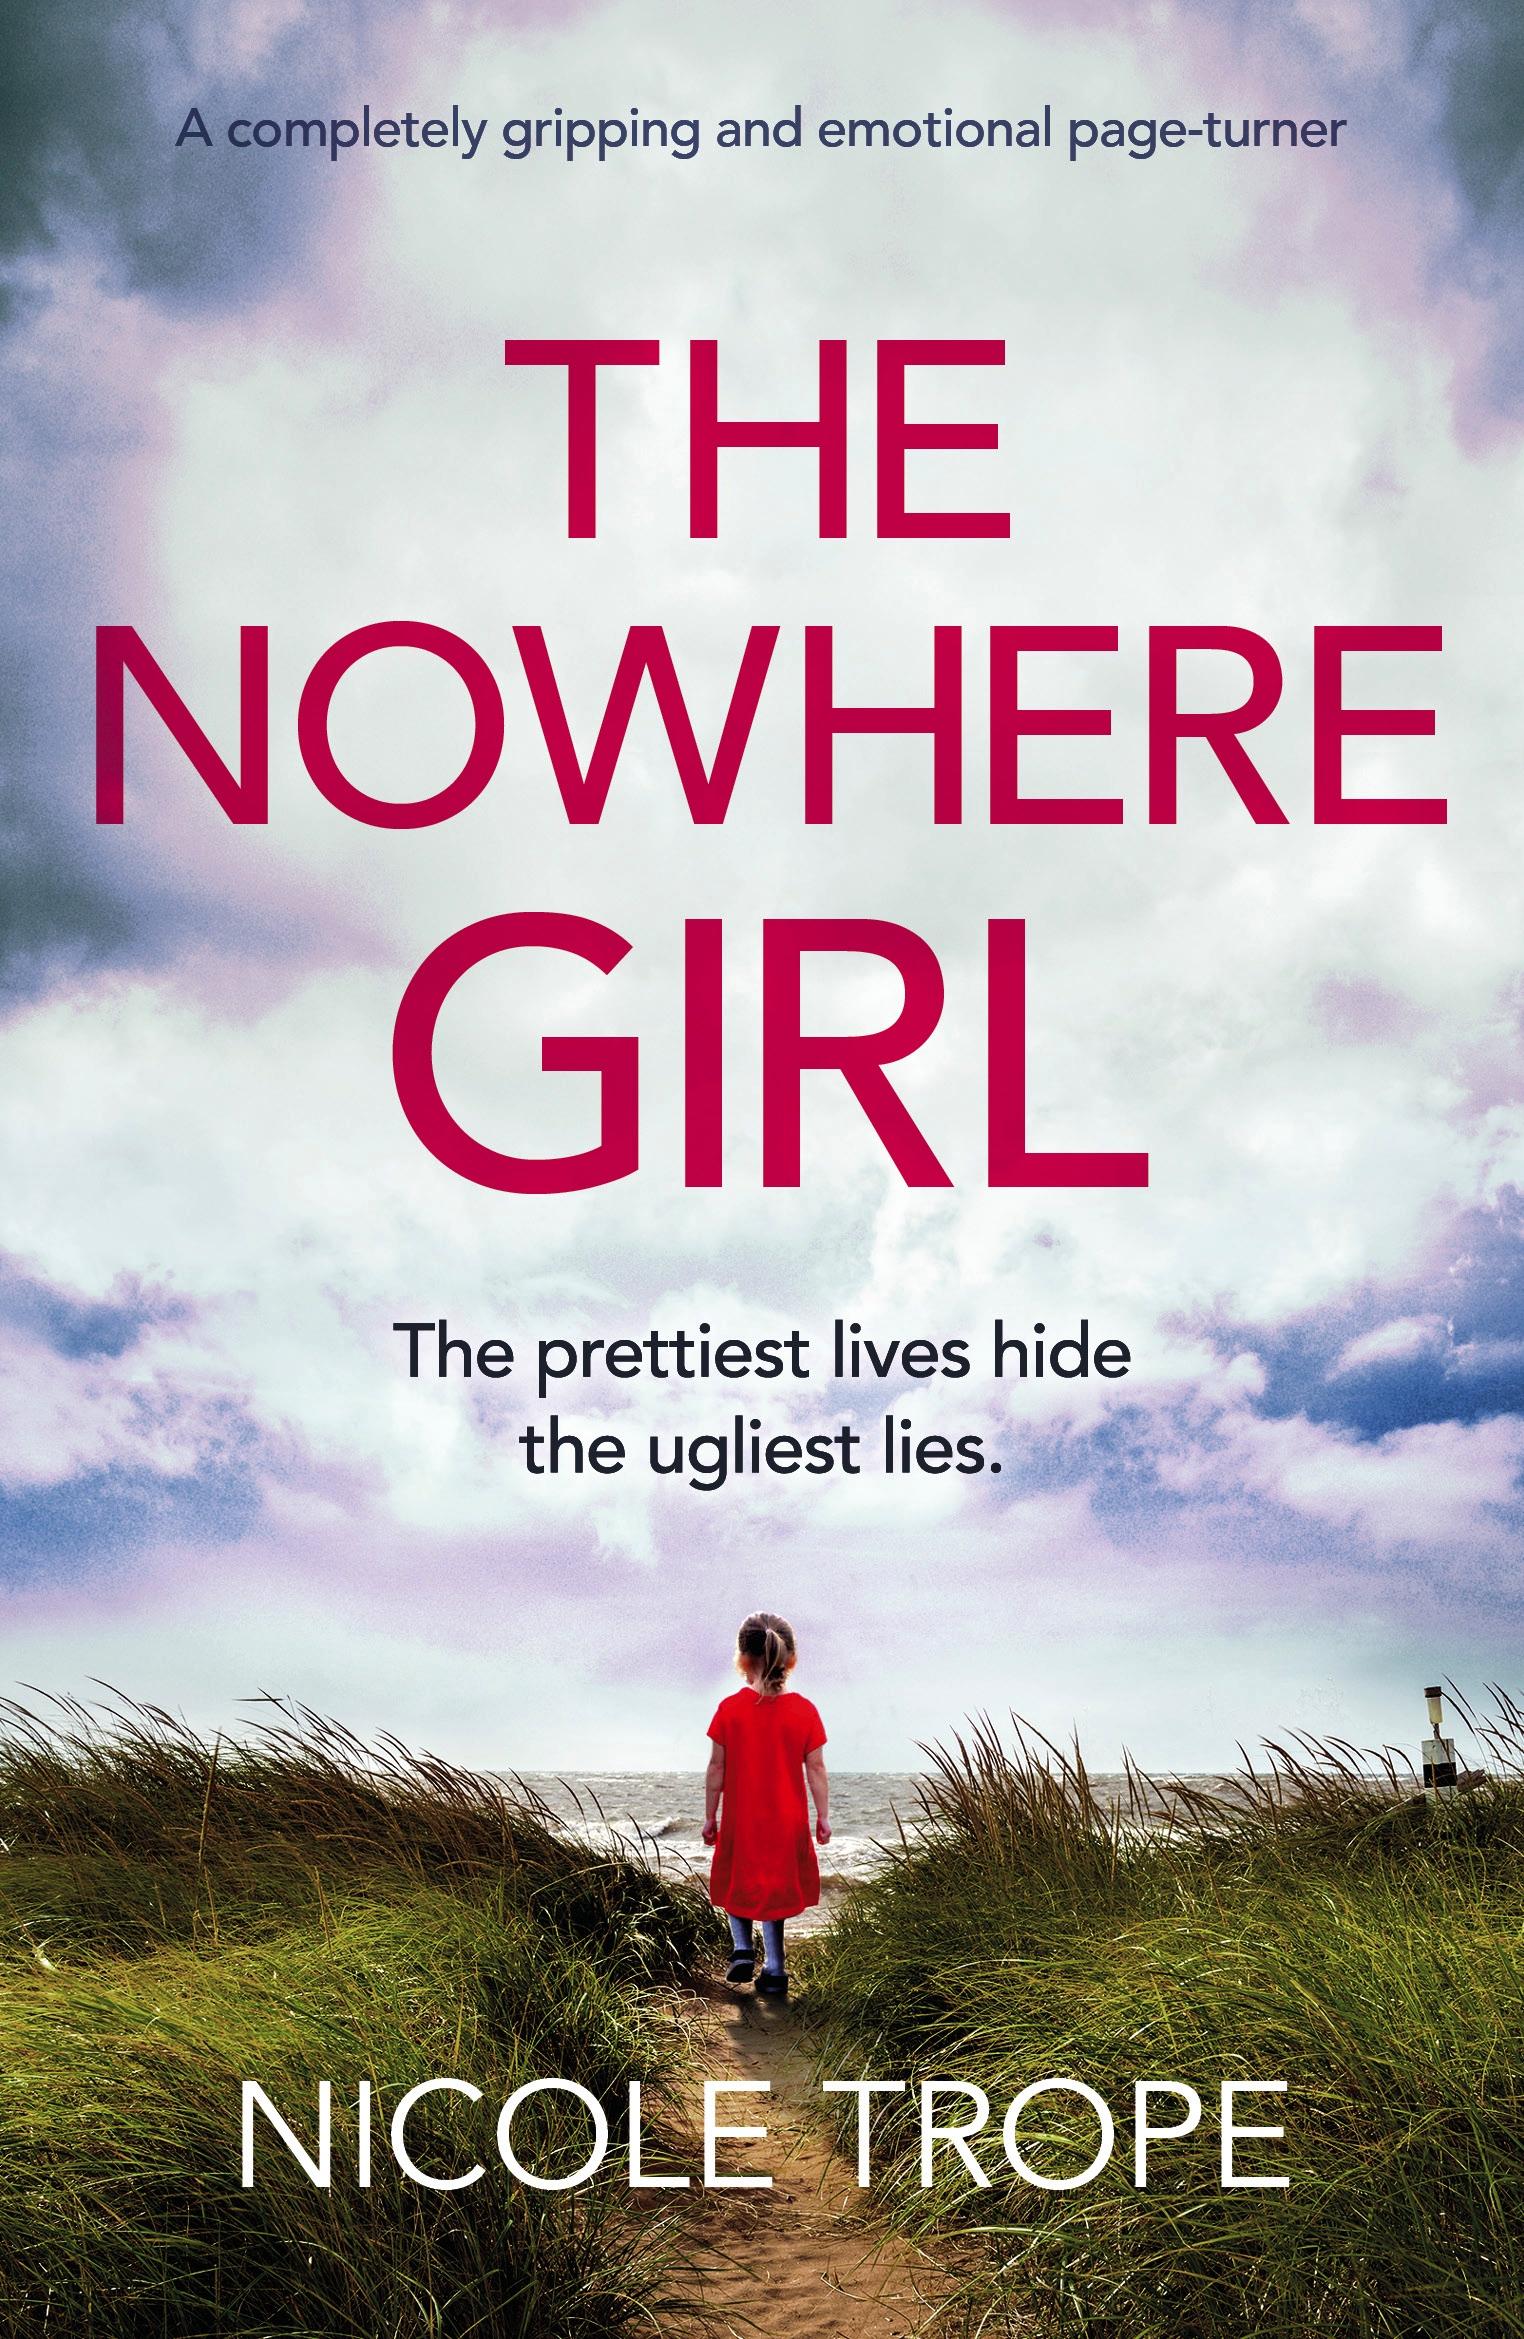 The-Nowhere-Girl-Kindle